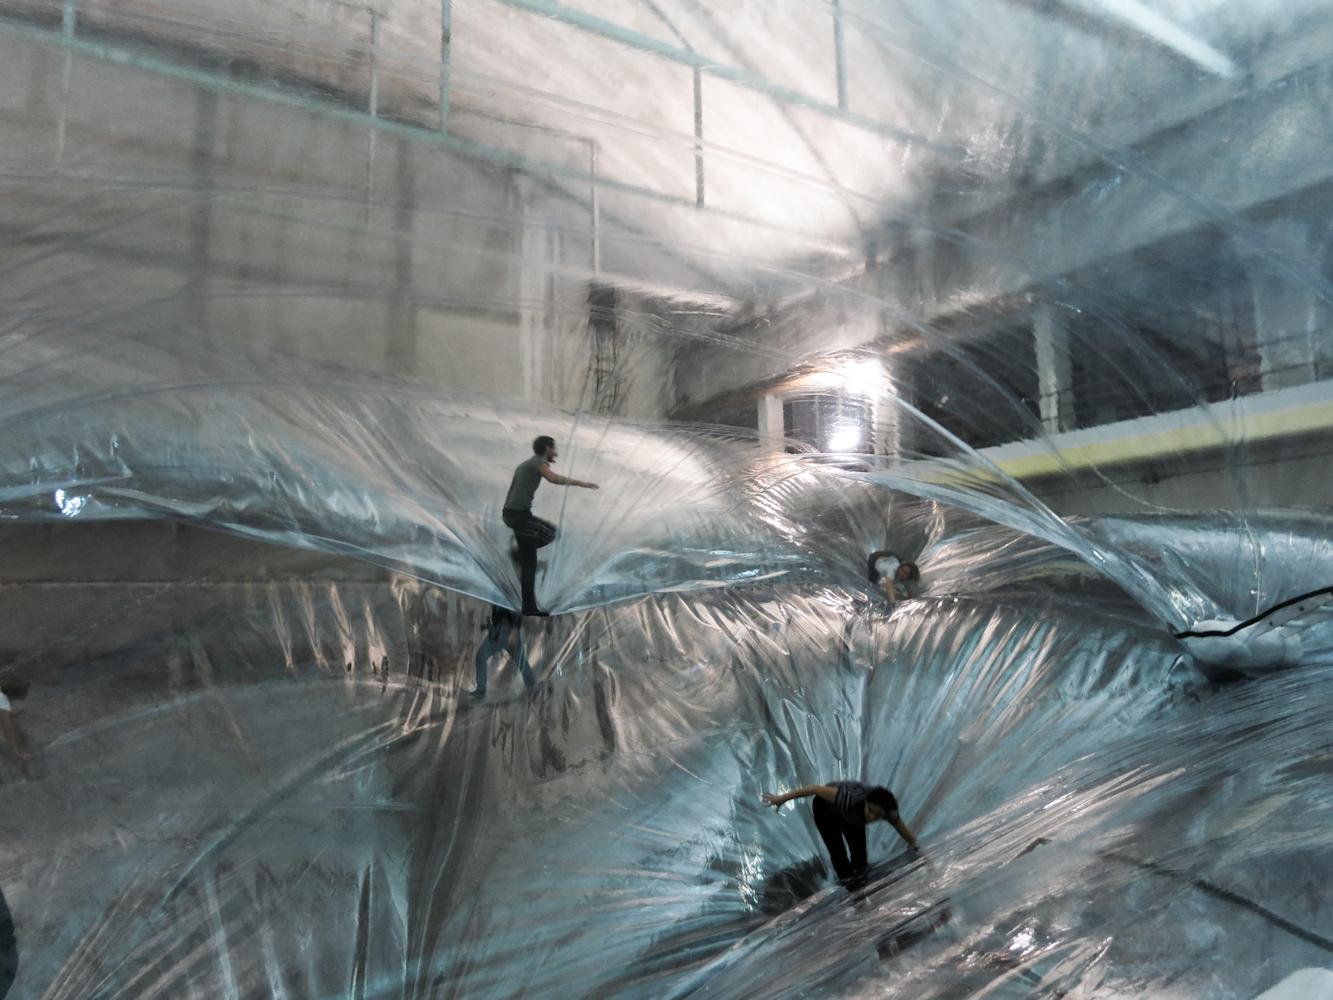 Tomas Saraceno, veduta installazione On Space Time Foam, Hangar Bicocca, Milano